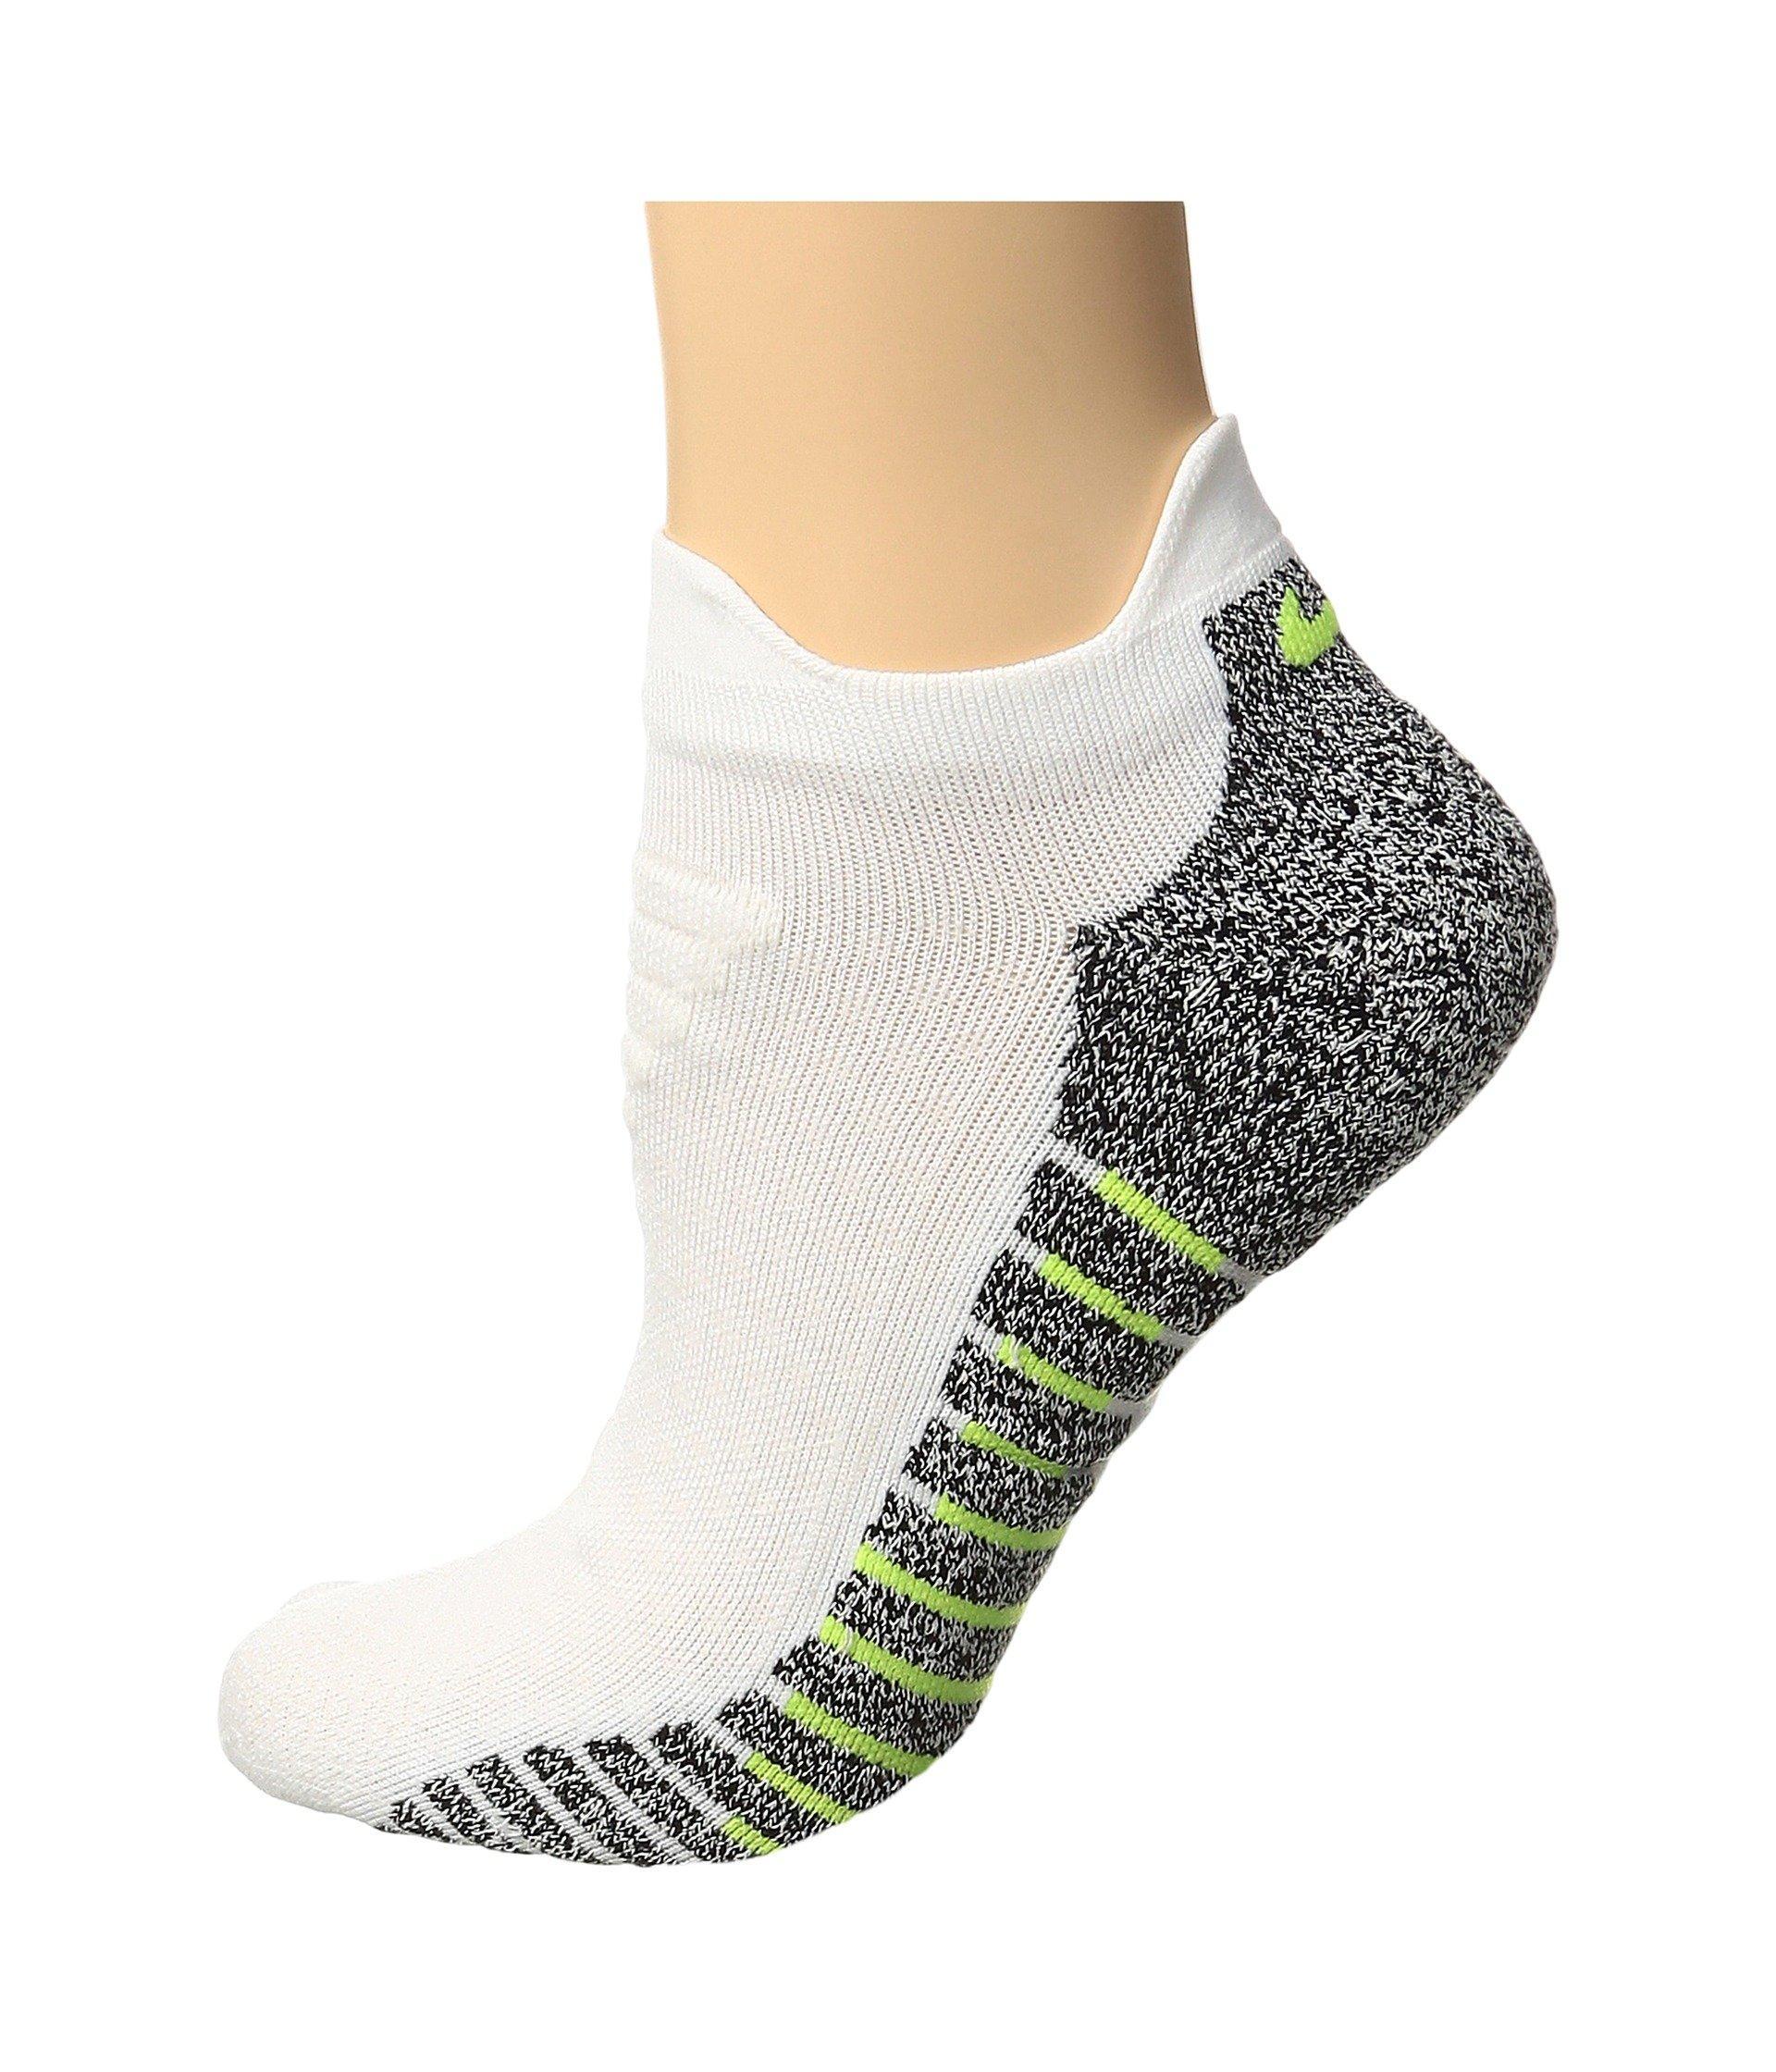 69f351406 Nike Grip Lightweight Low Training Socks In White/Volt/Black | ModeSens